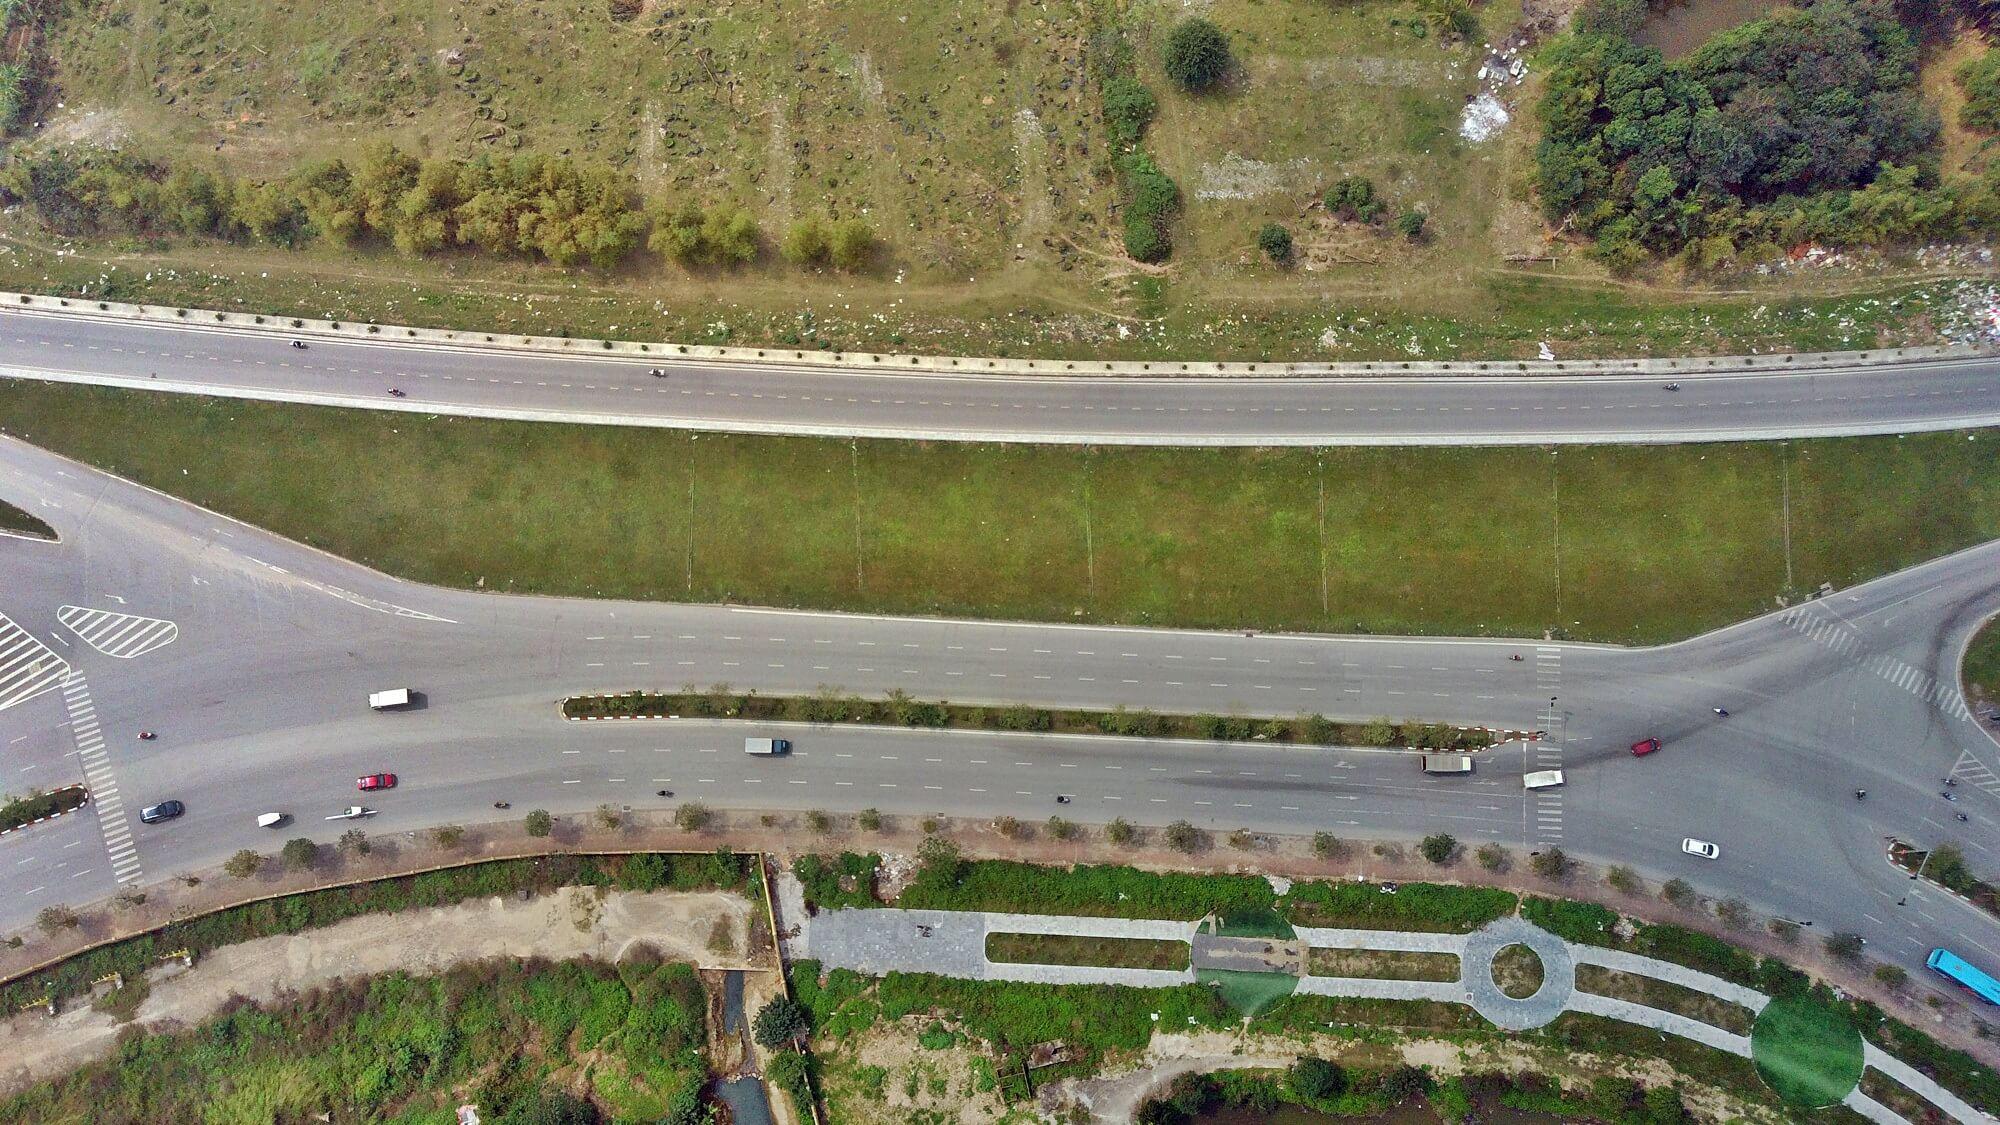 Đoạn giao cắt giữa đường Cổ Linh và cầu/hầm Trần Hưng Đạo.